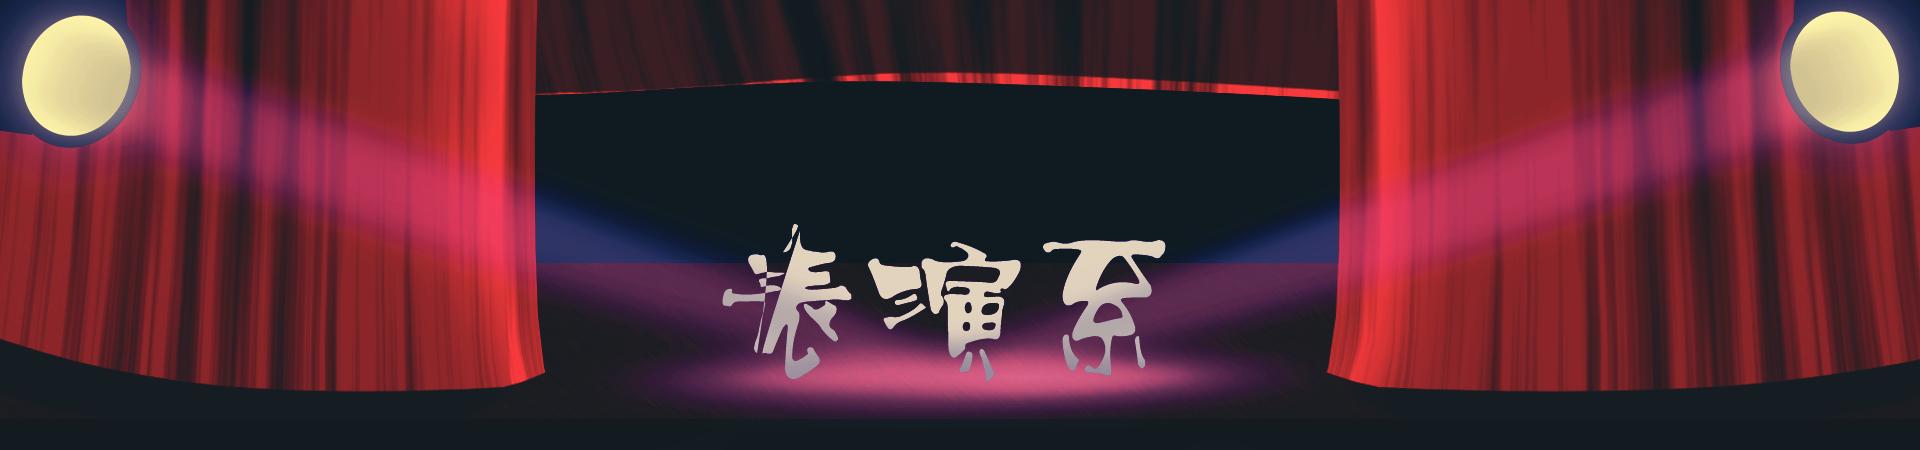 戏剧影视学院(表演系)